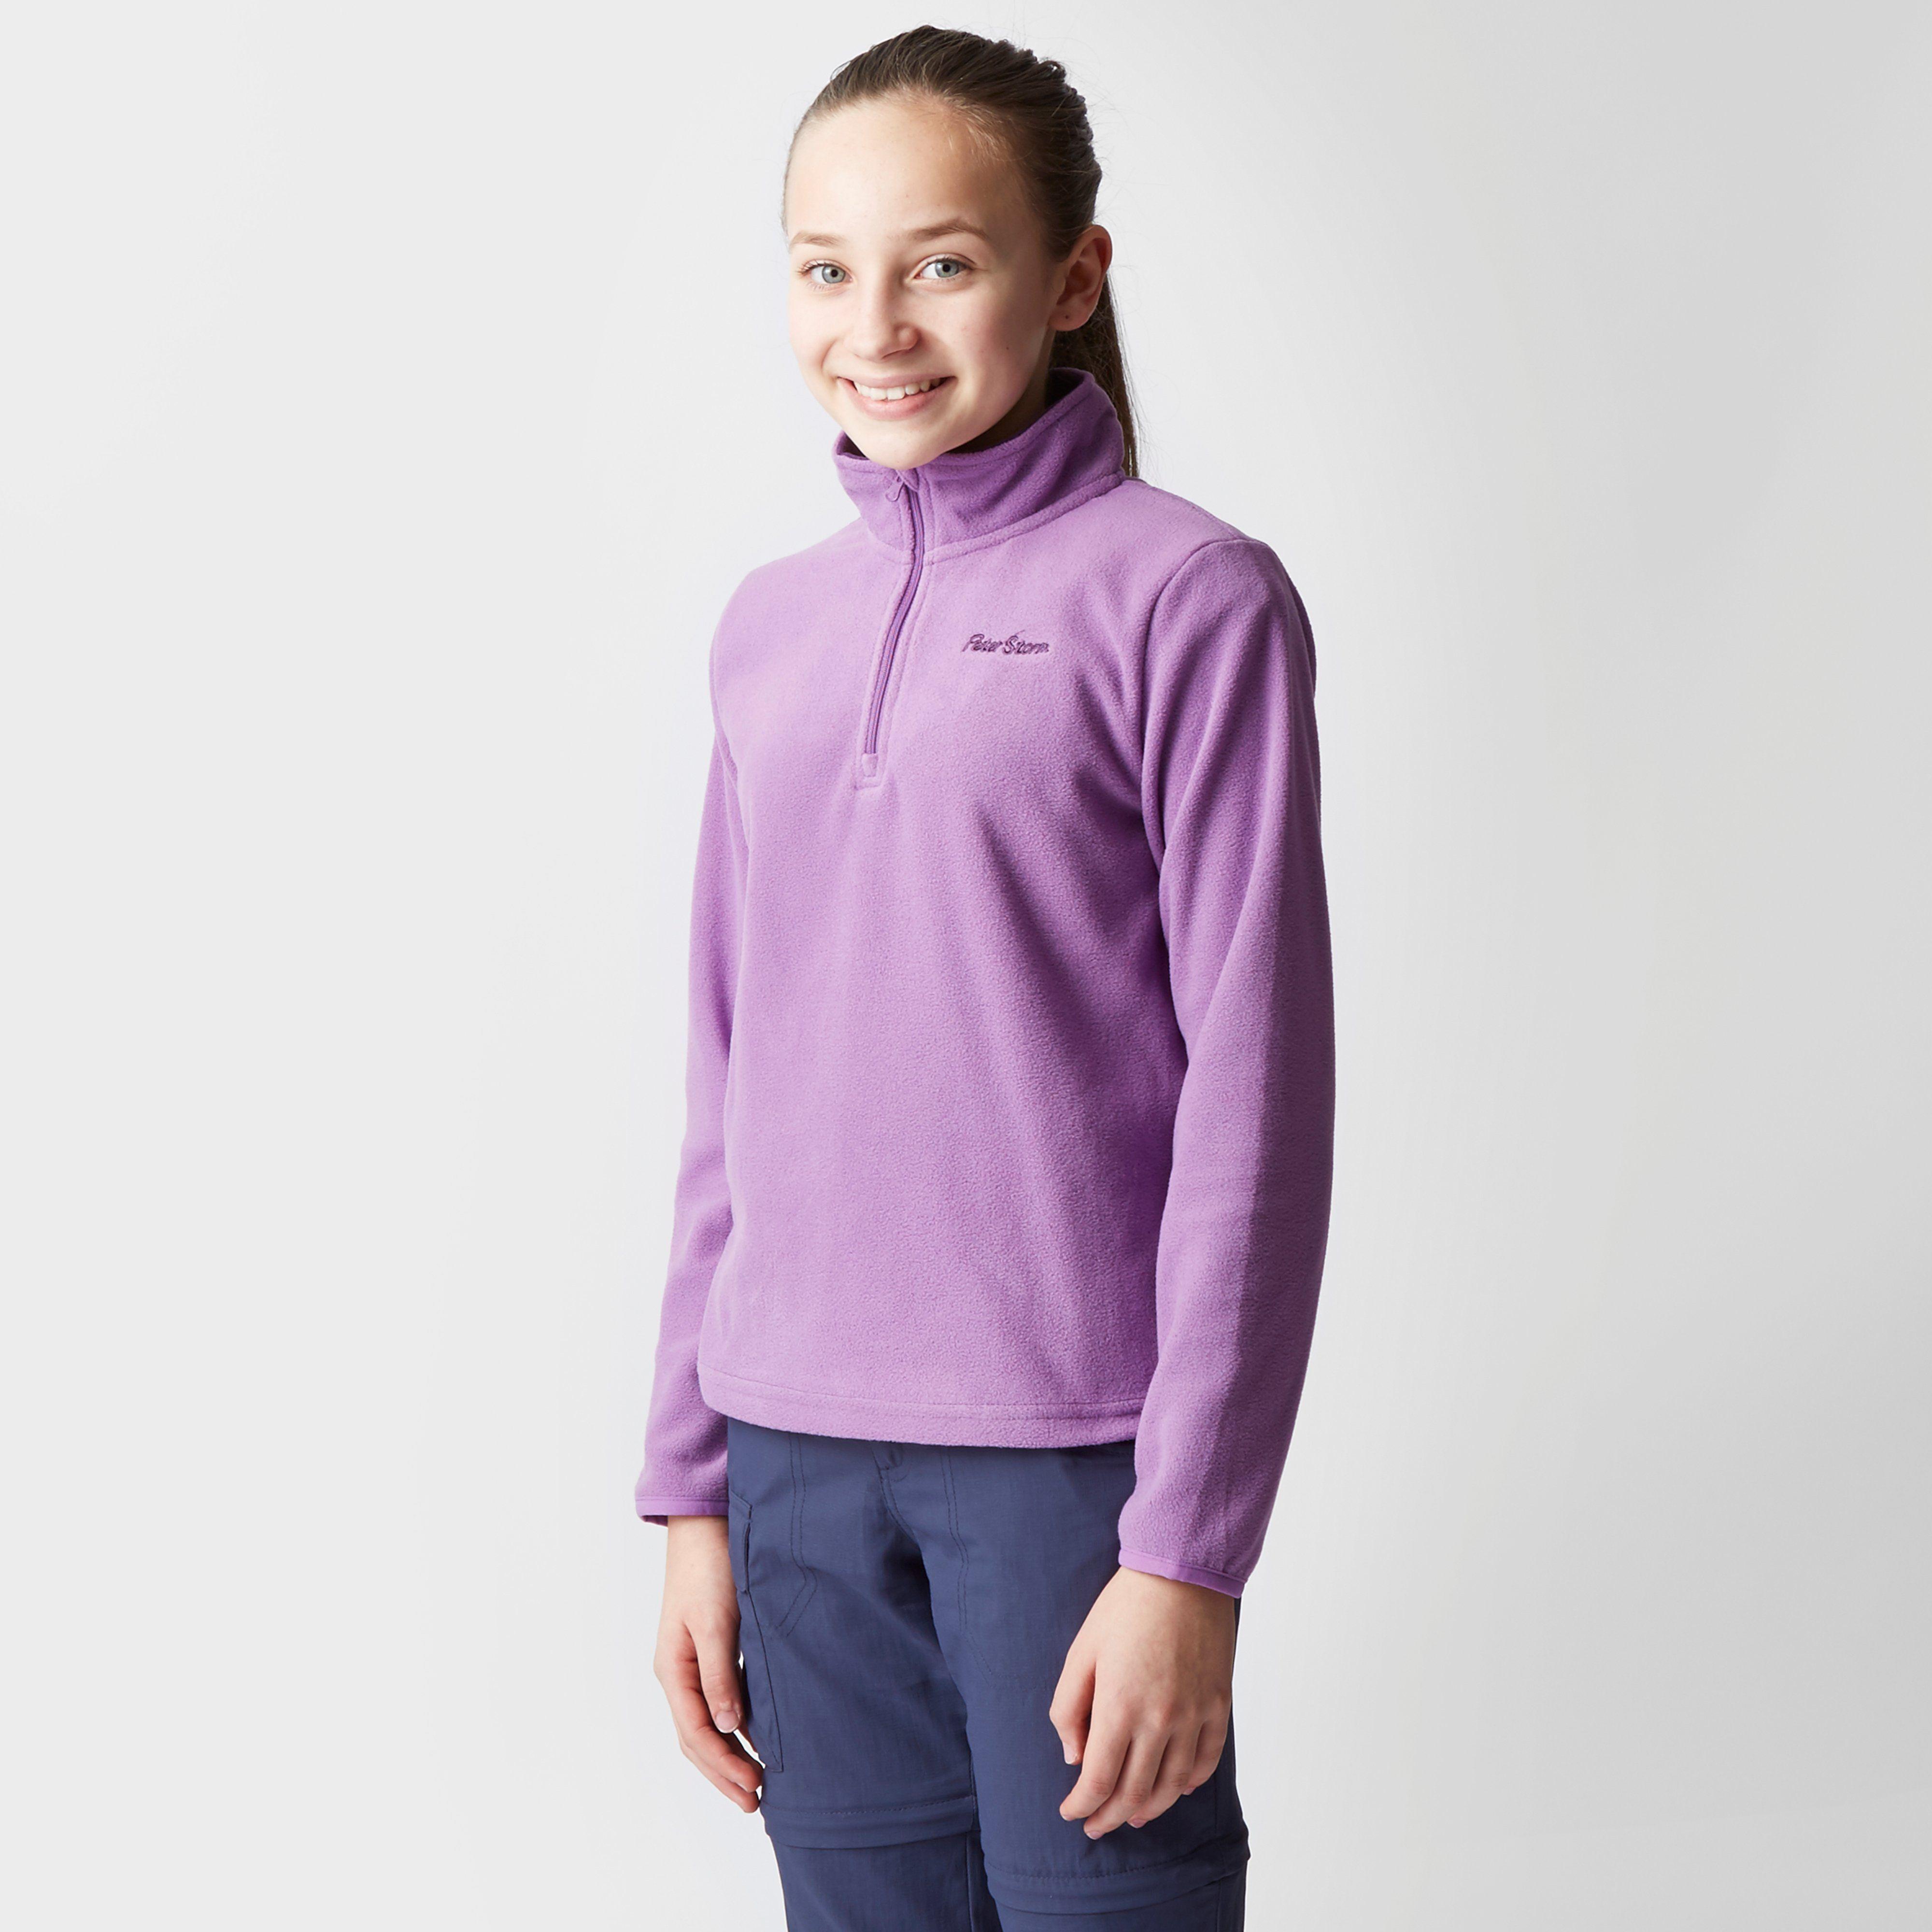 PETER STORM Girl's Coniston 2 Half Zip Fleece